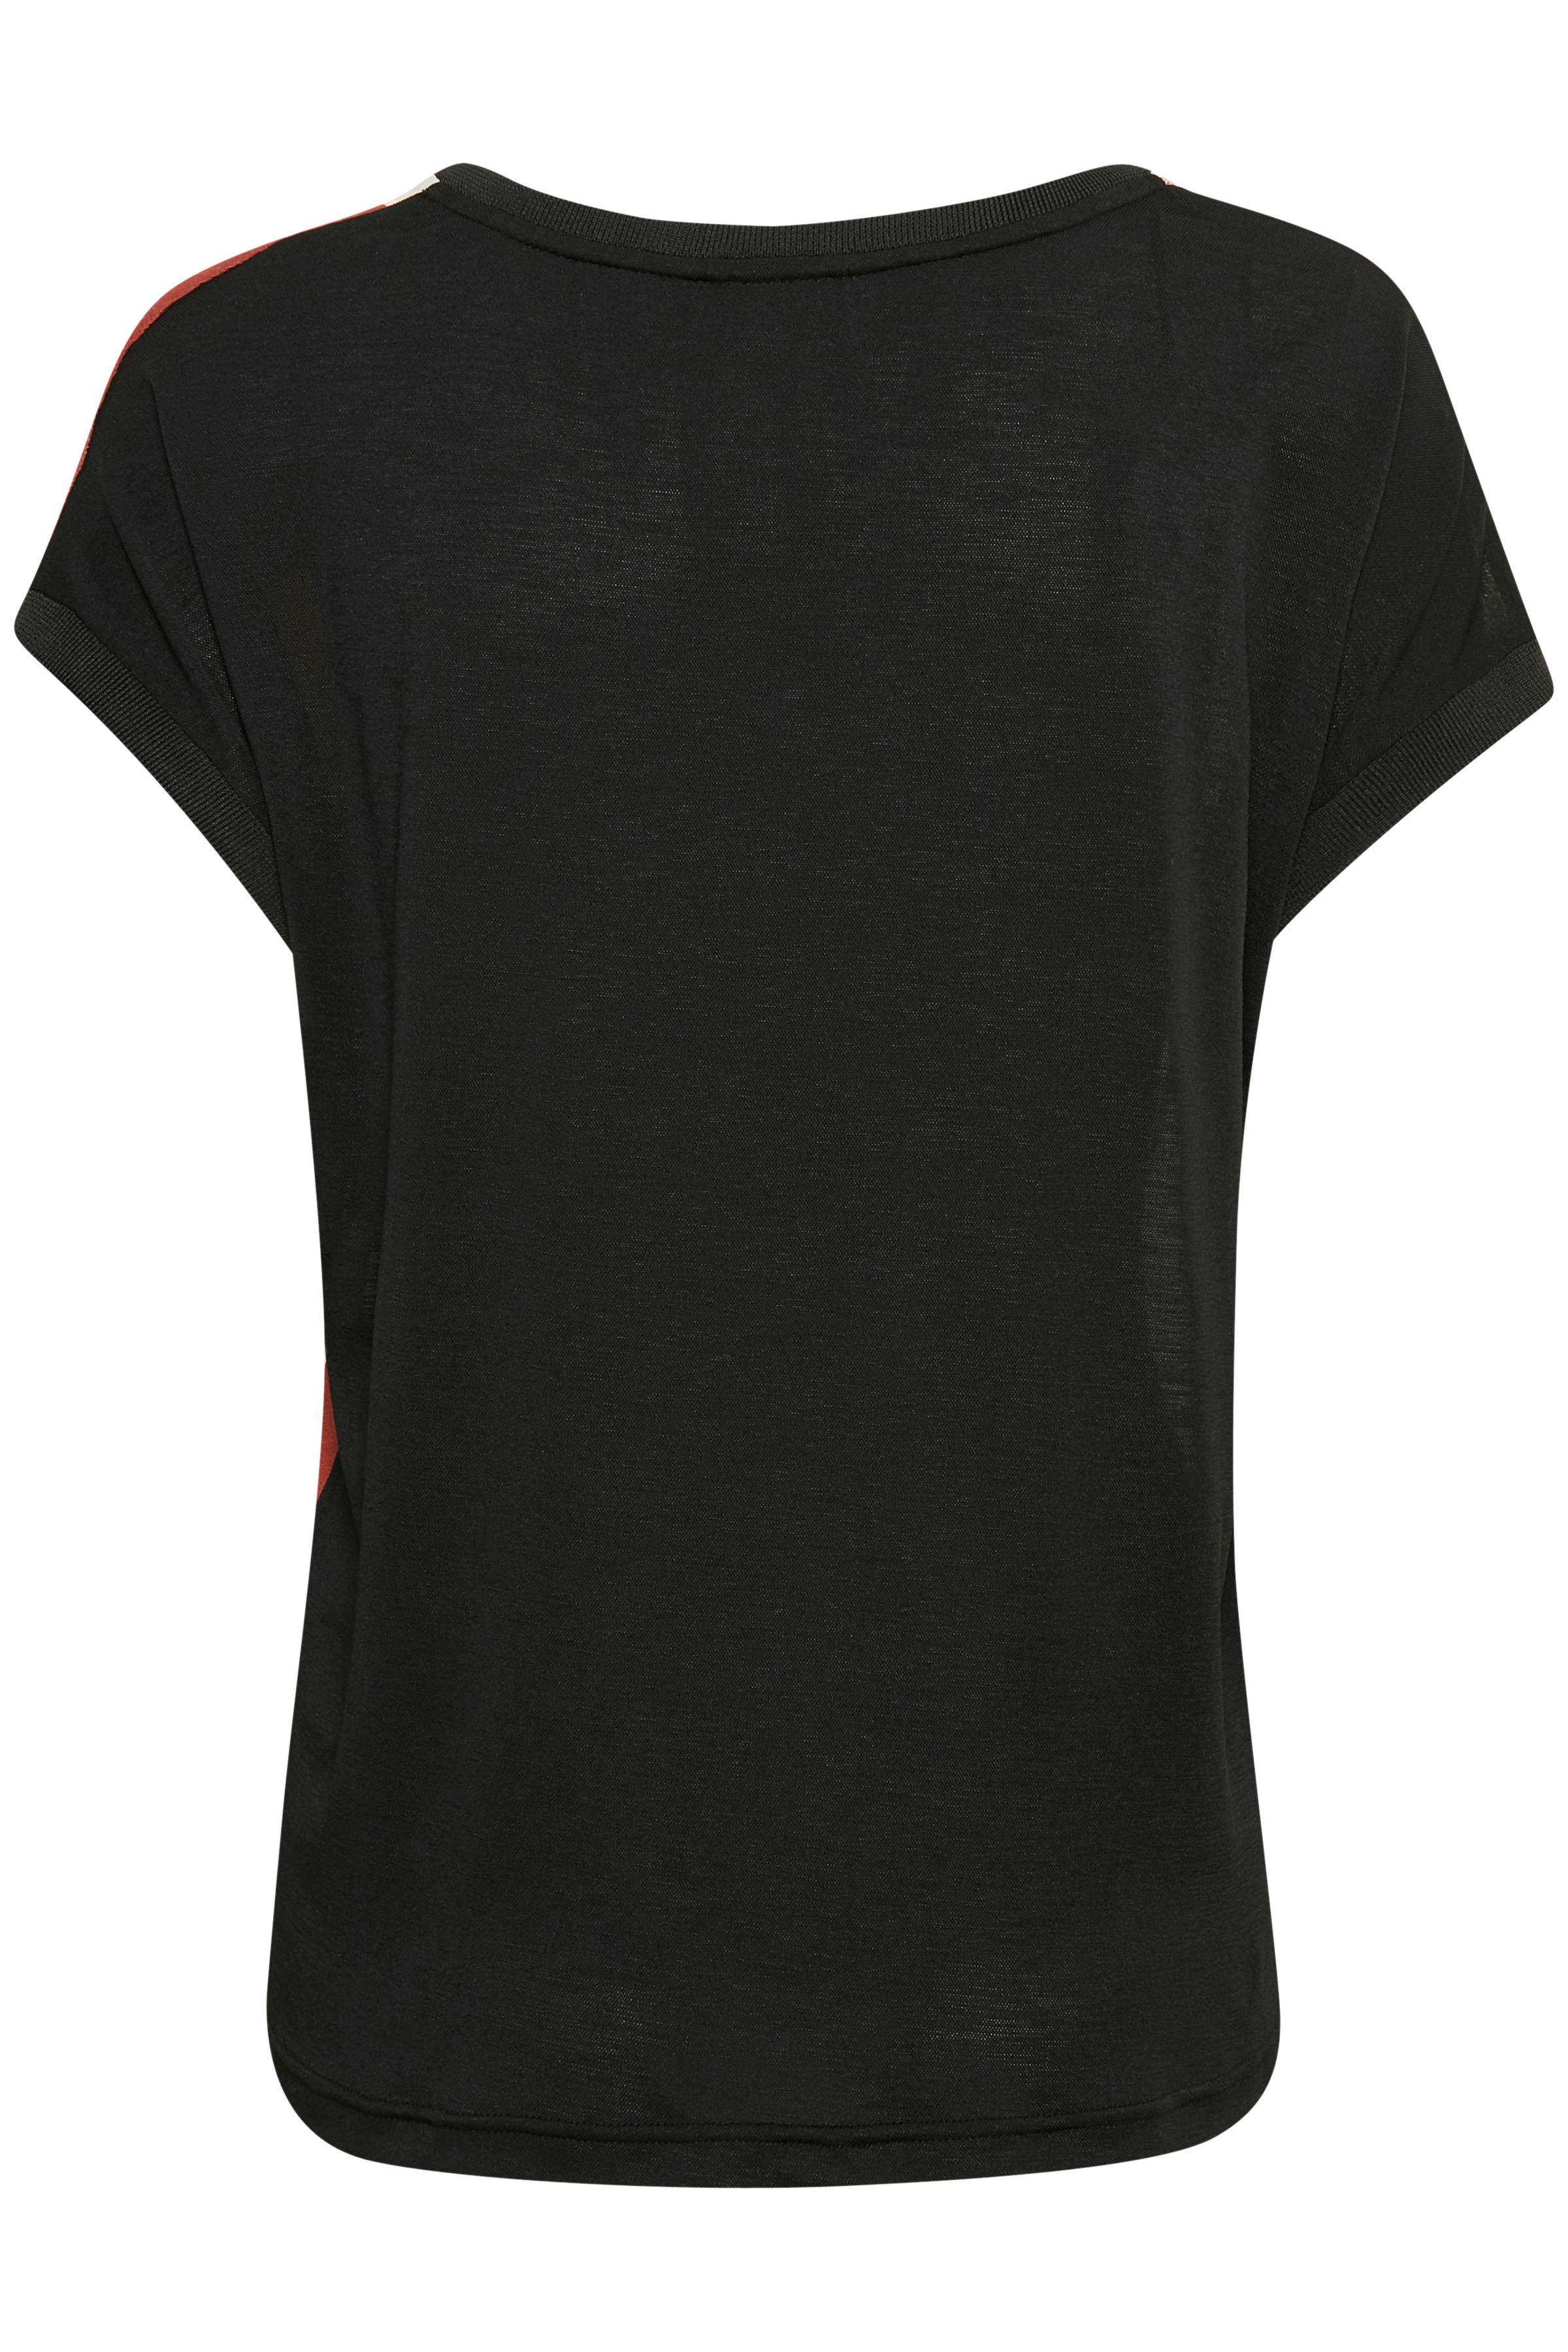 Grå/brændt rød Kortærmet T-shirt fra Fransa – Køb Grå/brændt rød Kortærmet T-shirt fra str. XS-XXL her